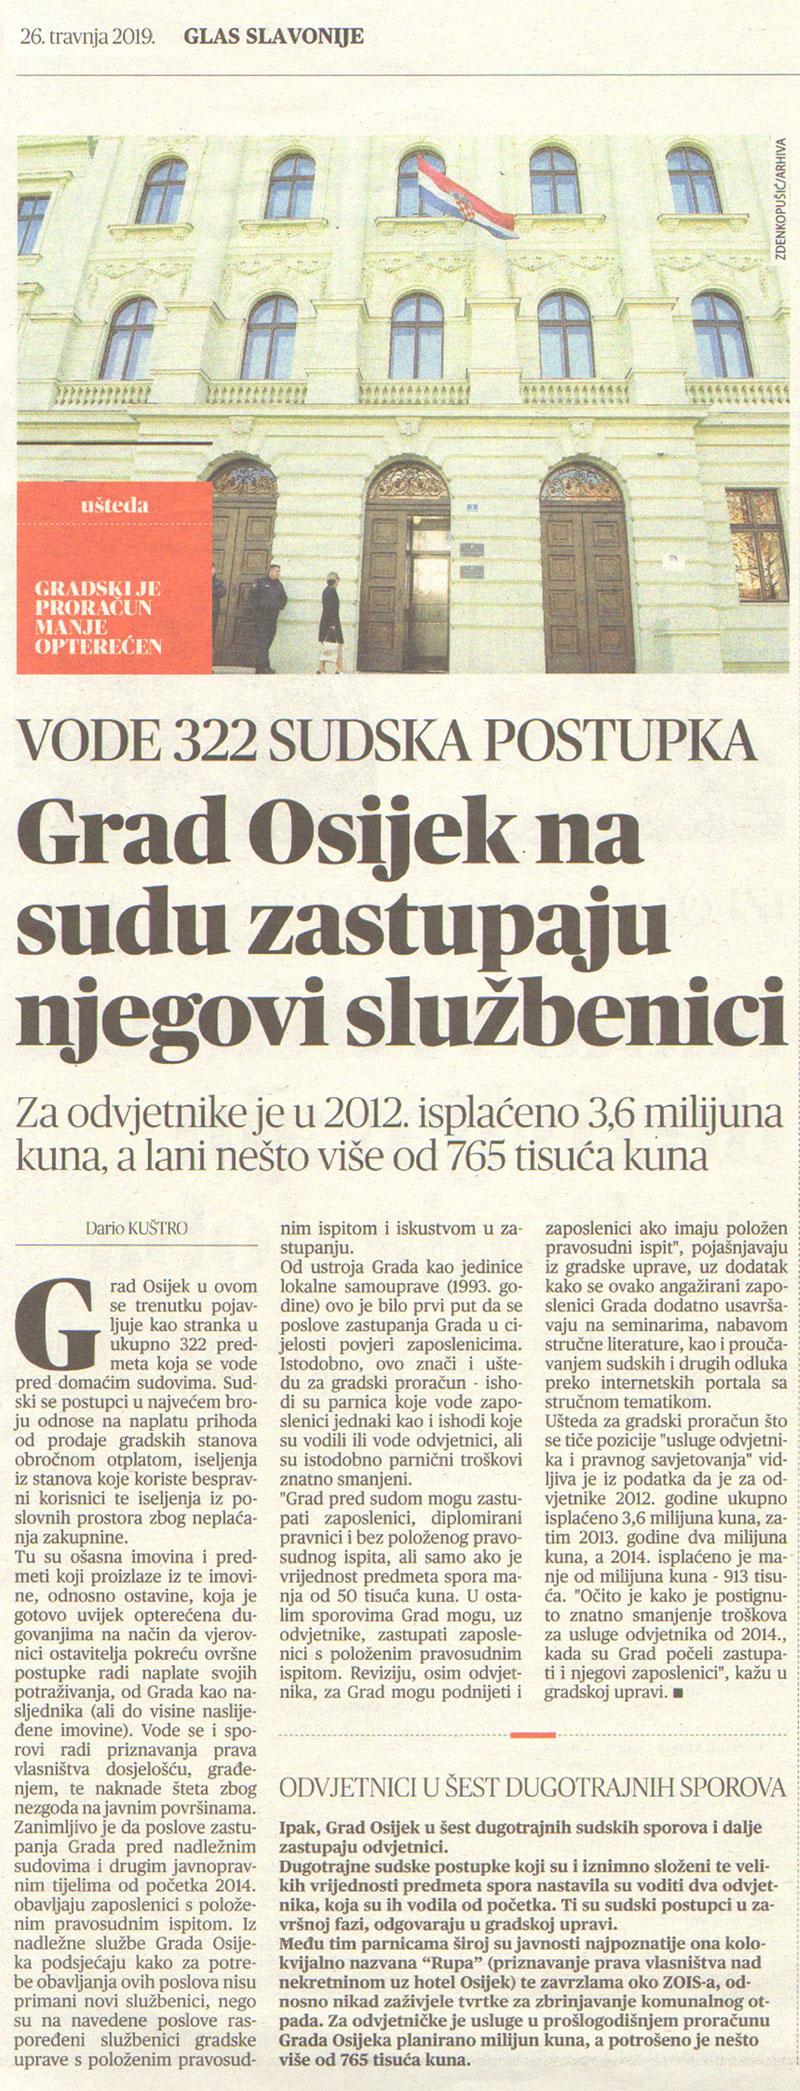 Grad Osijek na sudu zastupaju njegovi službenici